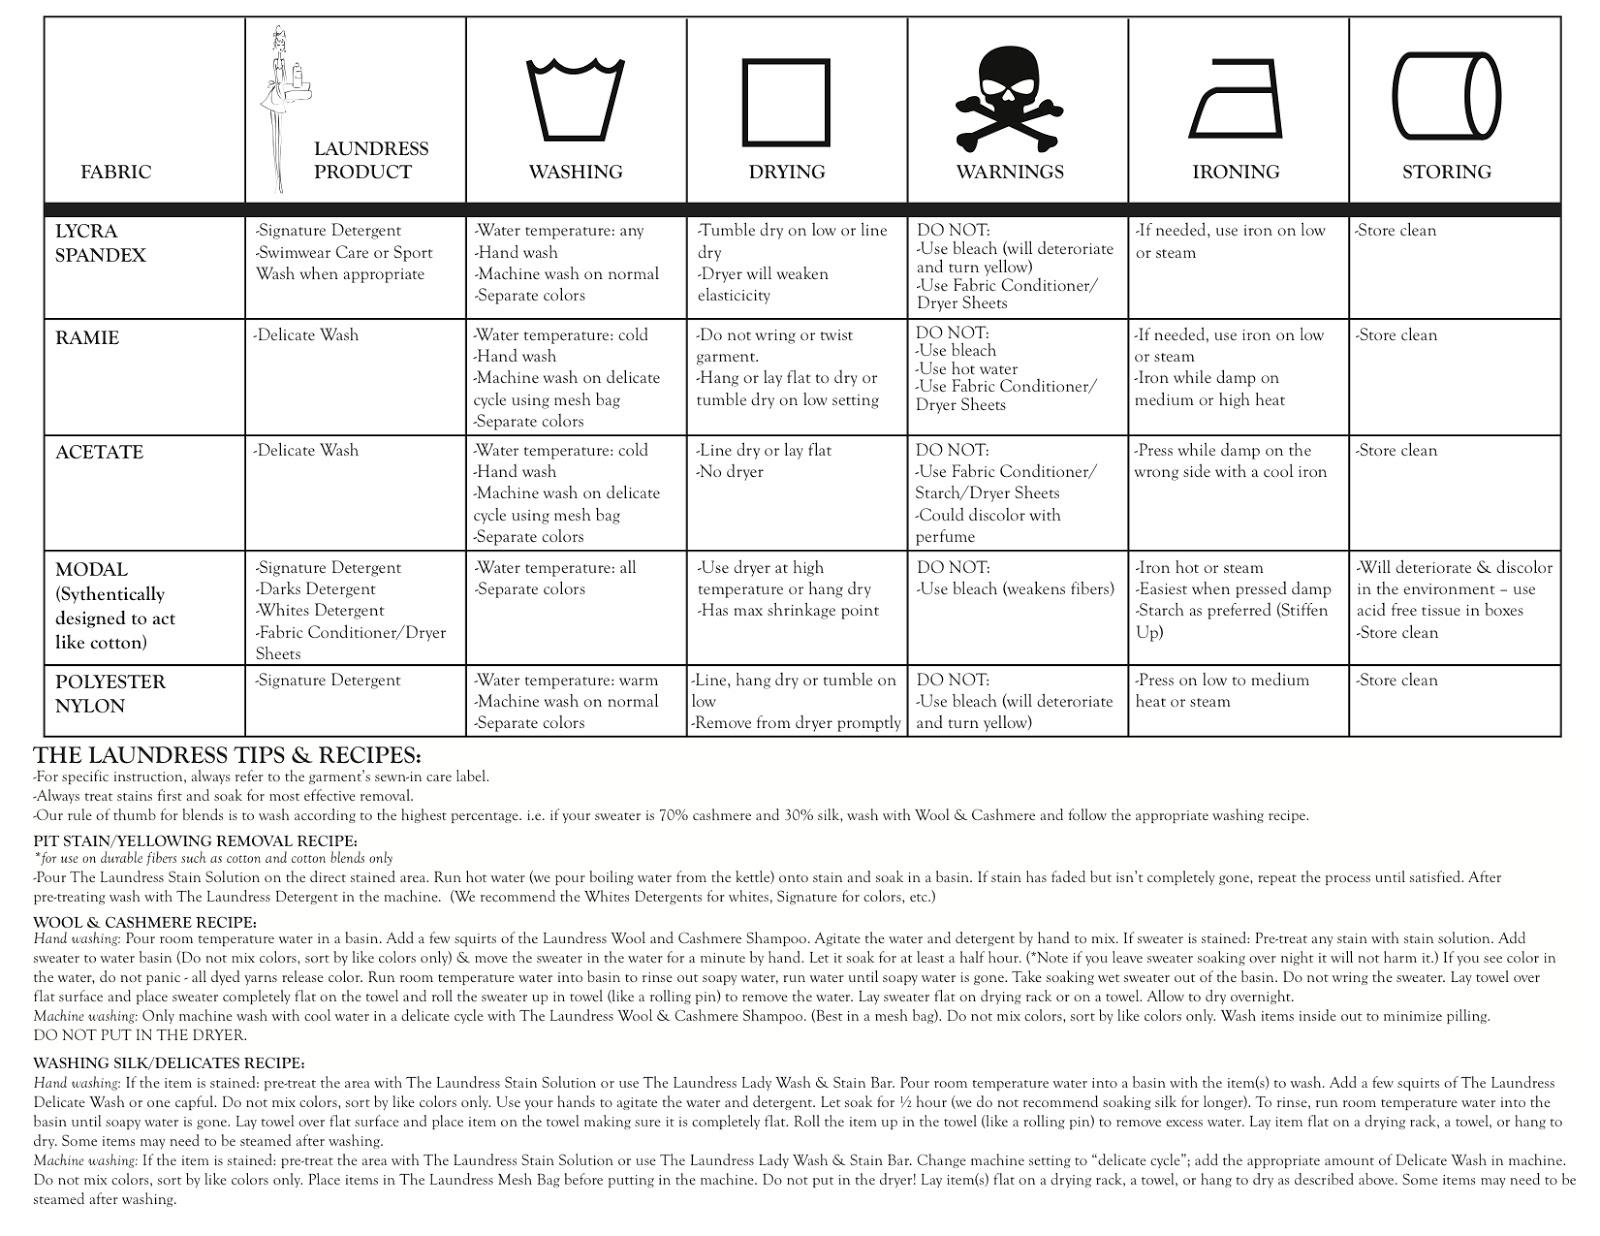 Dicinon - kullanım talimatları